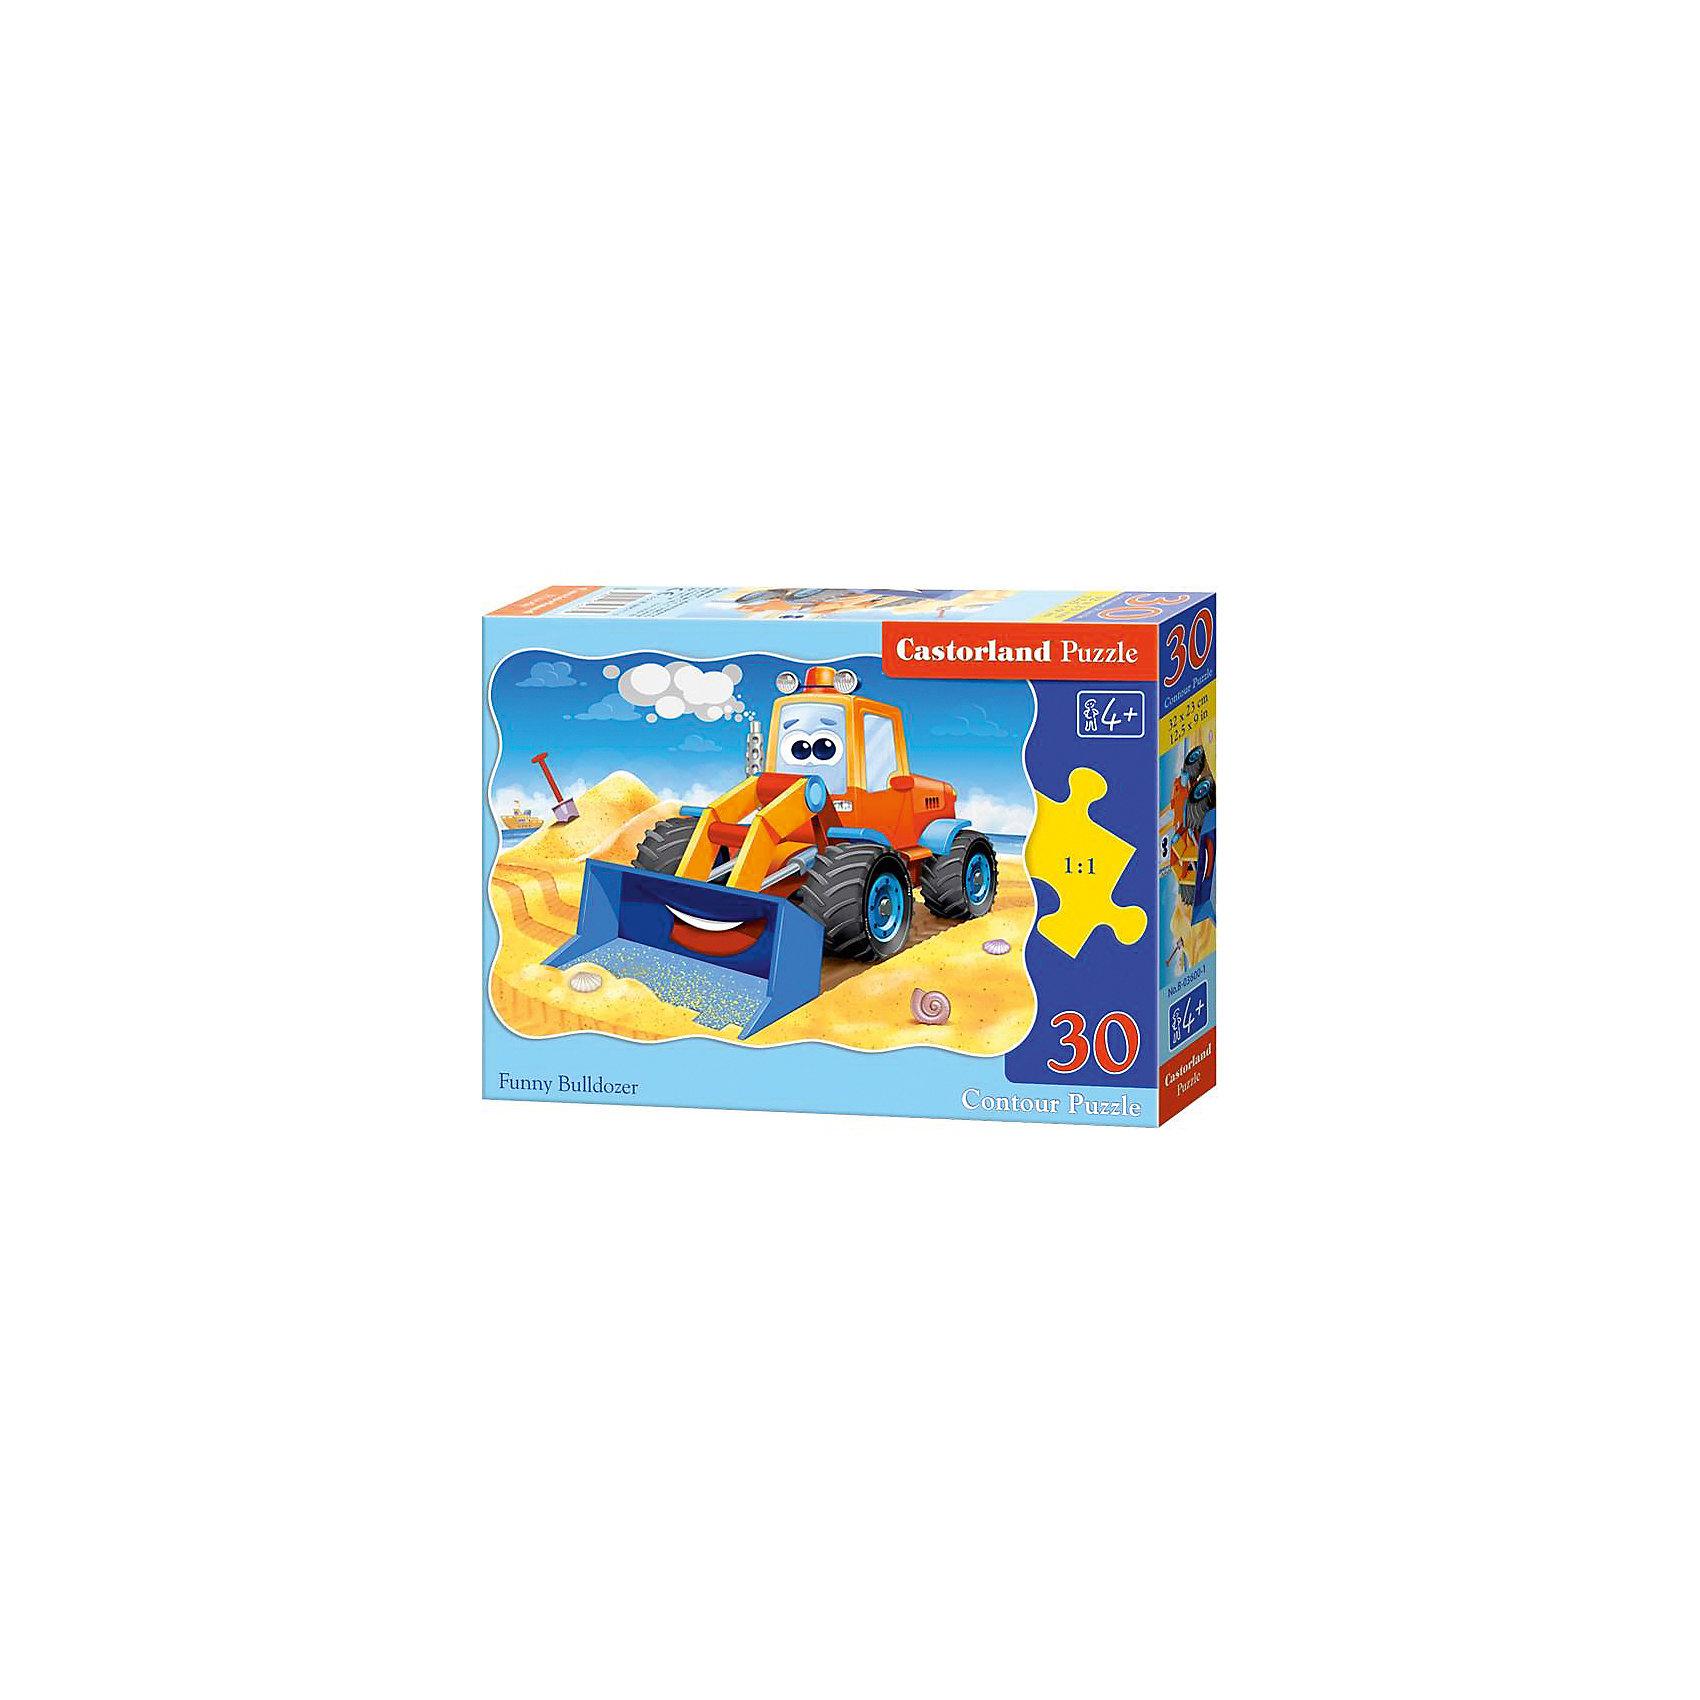 Пазл Castorland Бульдозер, 30 деталейПазлы для малышей<br>Характеристики:<br><br>• возраст: от 4 лет<br>• количество деталей: 30 шт.<br>• размер собранного пазла: 32х23 см.<br>• материал: картон<br>• упаковка: картонная коробка<br>• размер упаковки: 18x4x13 см.<br>• вес: 150 гр.<br>• страна обладатель бренда: Польша<br><br>Из 30 элементов пазла ребенок соберет красочную картинку с изображением веселого бульдозера. Благодаря фигурной форме картинки, процесс сбора элементов в одно изображение будет увлекательным и интересным.<br><br>Пазл Бульдозер, 30 деталей, Castorland (Касторленд) можно купить в нашем интернет-магазине.<br><br>Ширина мм: 180<br>Глубина мм: 130<br>Высота мм: 40<br>Вес г: 150<br>Возраст от месяцев: 48<br>Возраст до месяцев: 2147483647<br>Пол: Мужской<br>Возраст: Детский<br>SKU: 6725086